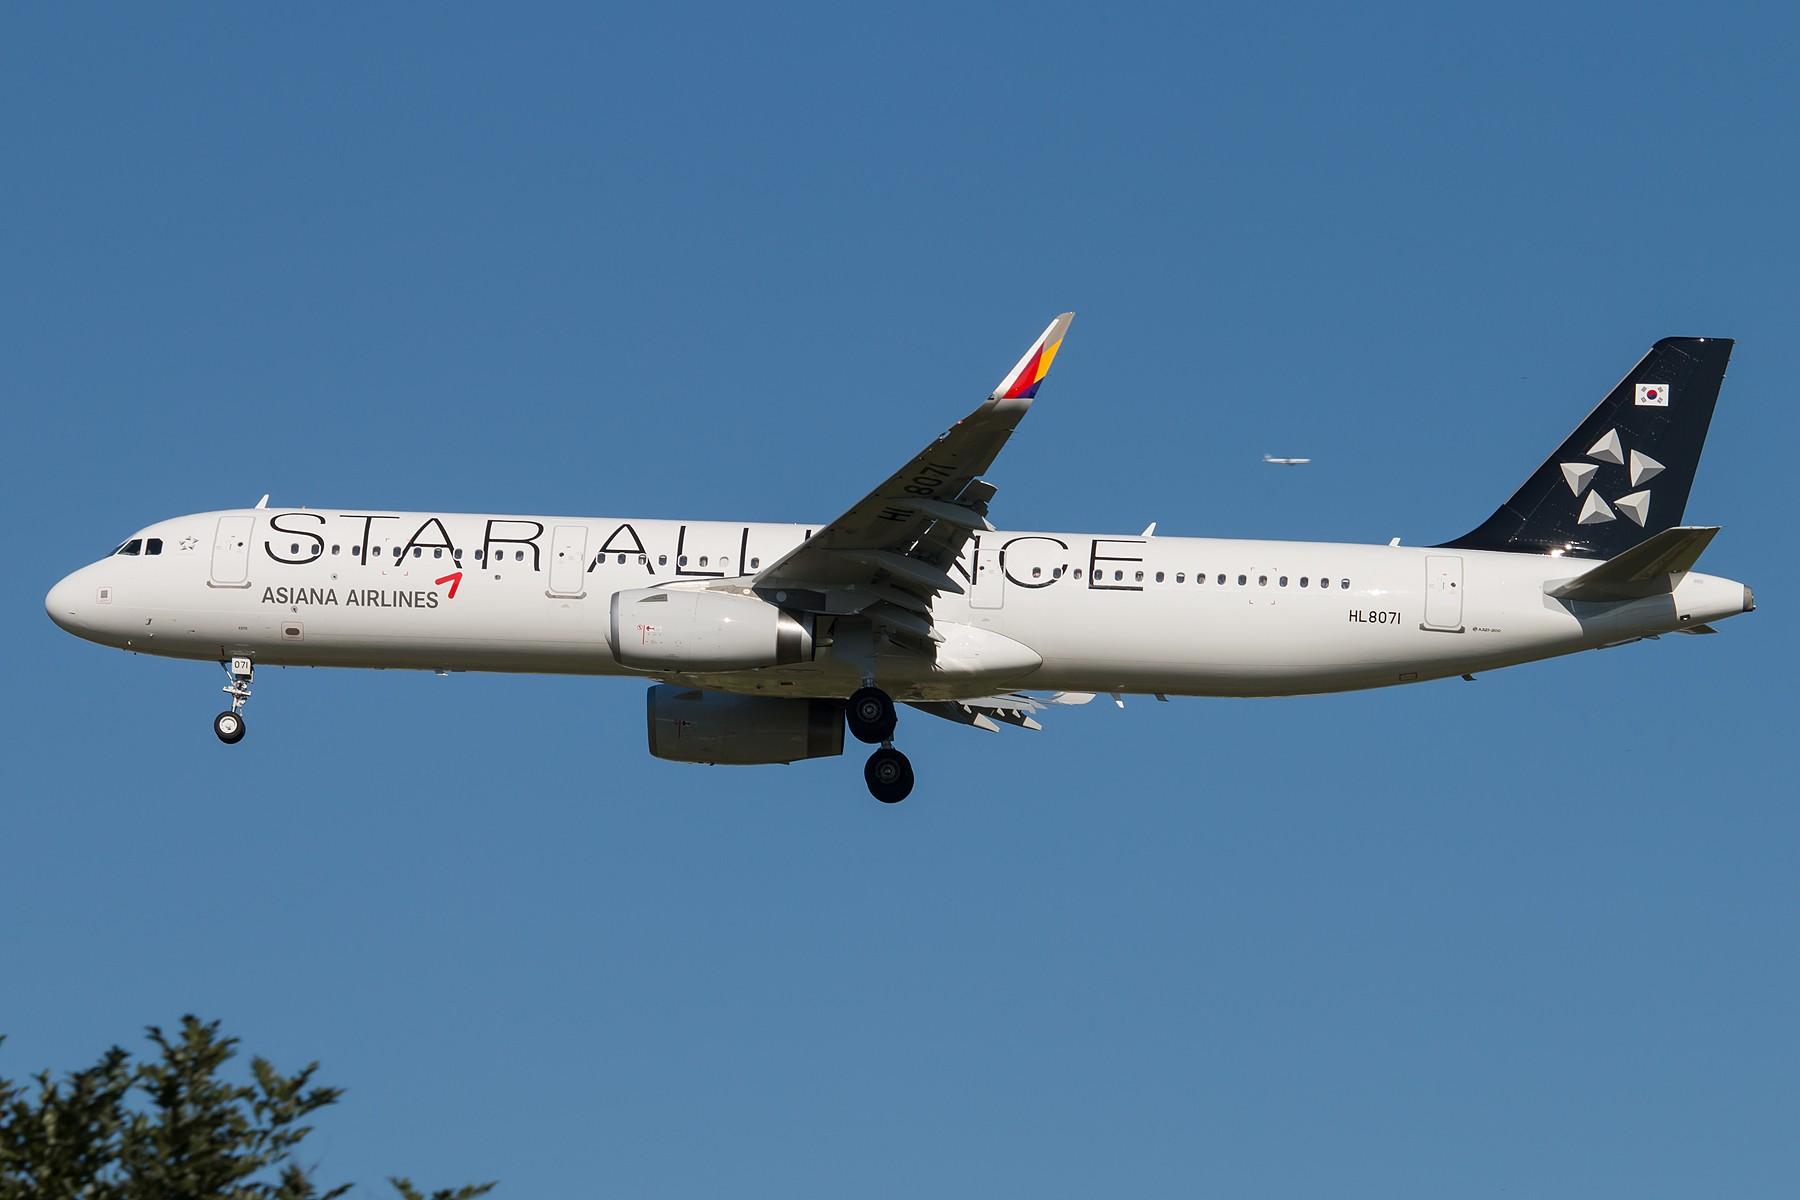 [原创][一图党] 韩亚航空 HL8071 A321星空联盟涂装机 1800*1200 AIRBUS A321-231 HL8071 中国北京首都国际机场